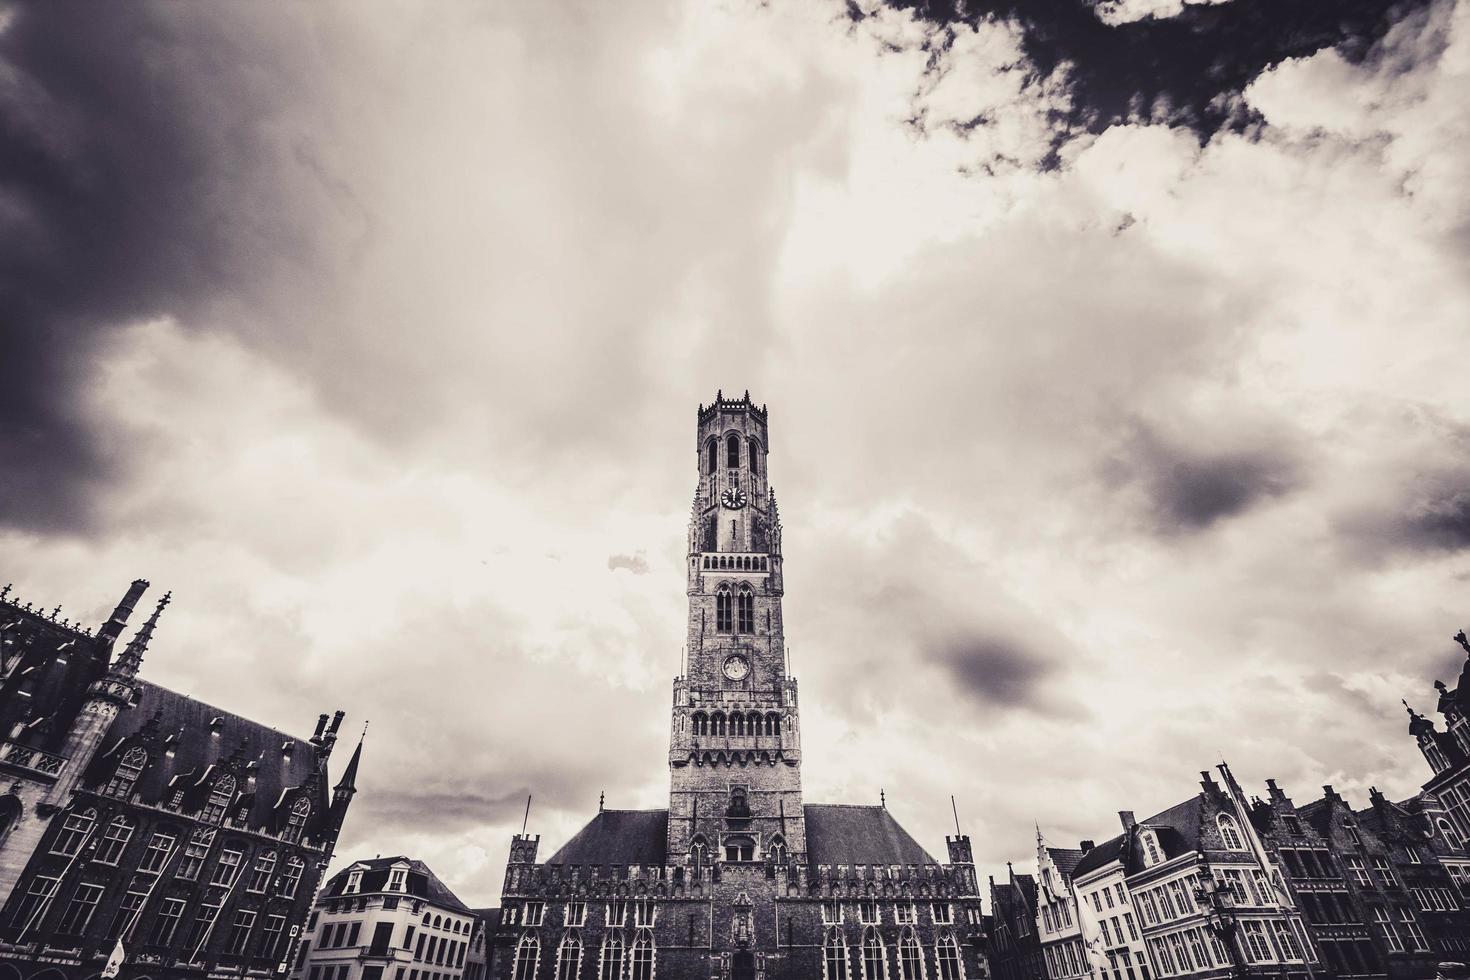 Bruges, Belgique, 2020 - photo noir et blanc du beffroi de bruges